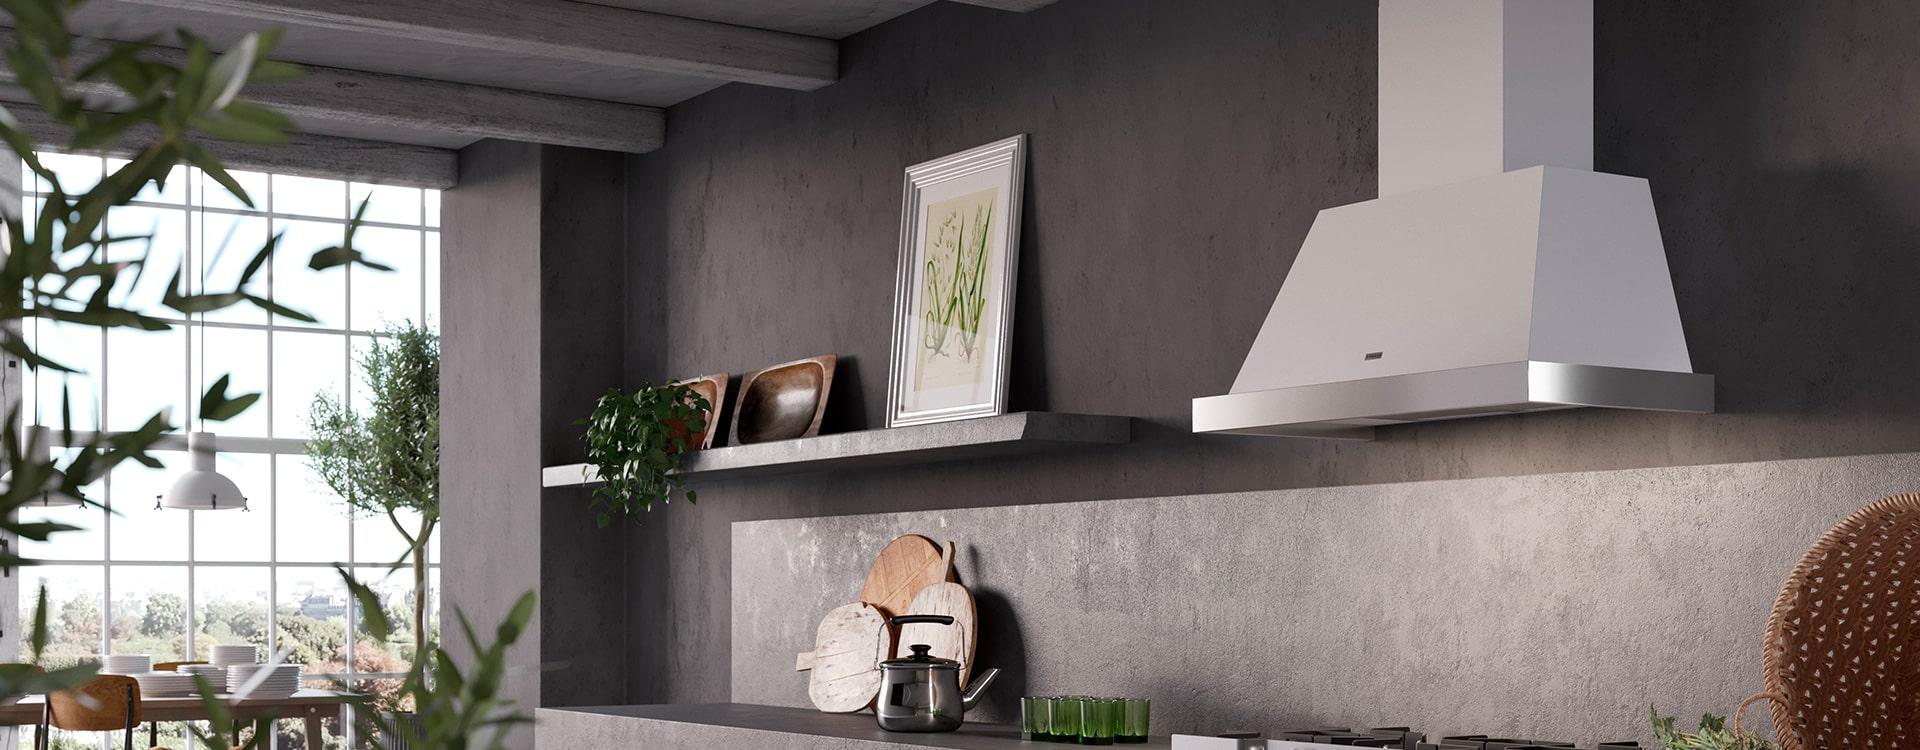 Cucina Pallet Fai Da Te cucina mobili accessori complementi costruzioni fai da te